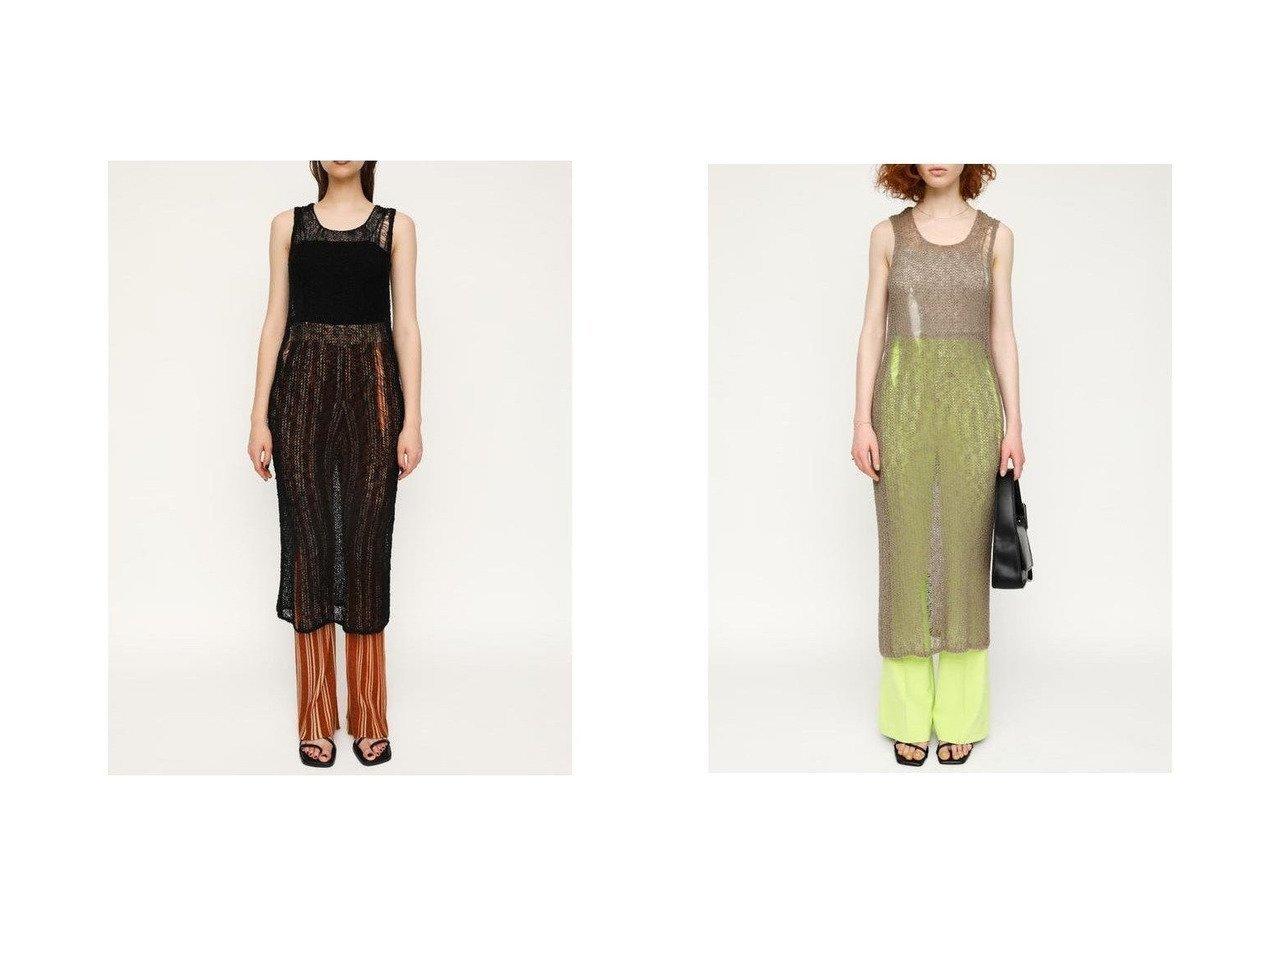 【SLY/スライ】のCRASH SLAB MESH トップス おすすめ!人気、トレンド・レディースファッションの通販 おすすめで人気の流行・トレンド、ファッションの通販商品 インテリア・家具・メンズファッション・キッズファッション・レディースファッション・服の通販 founy(ファニー) https://founy.com/ ファッション Fashion レディースファッション WOMEN トップス・カットソー Tops/Tshirt シャツ/ブラウス Shirts/Blouses ロング / Tシャツ T-Shirts カットソー Cut and Sewn おすすめ Recommend インナー クラッシュ ダメージ 夏 Summer  ID:crp329100000061059